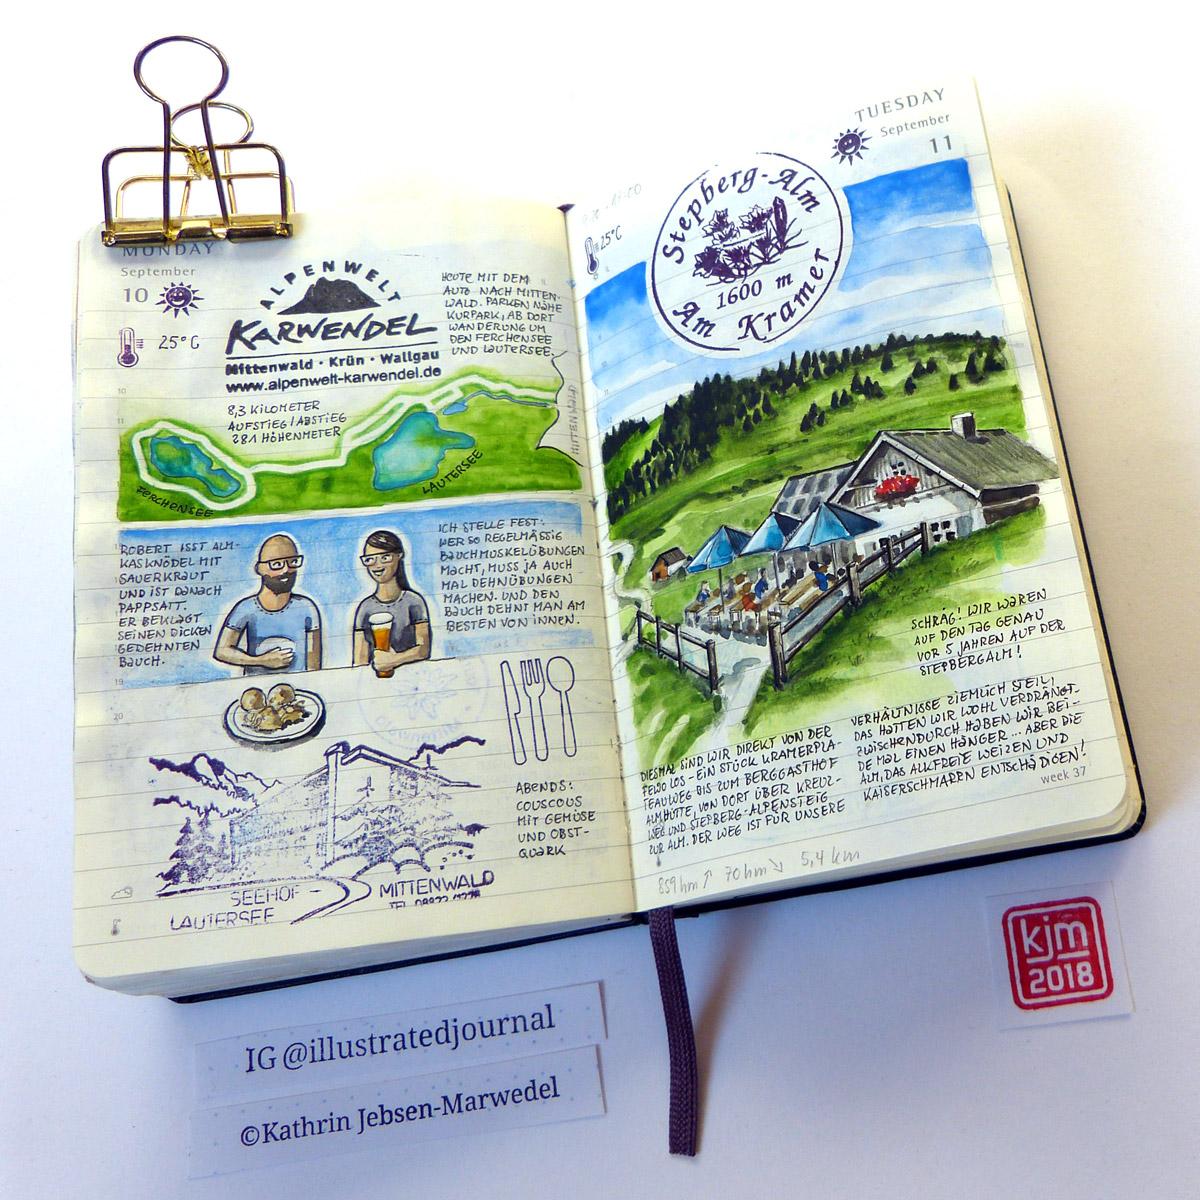 Eine Seite im Illustrated Journal von Kathrin Jebsen-Marwedel.